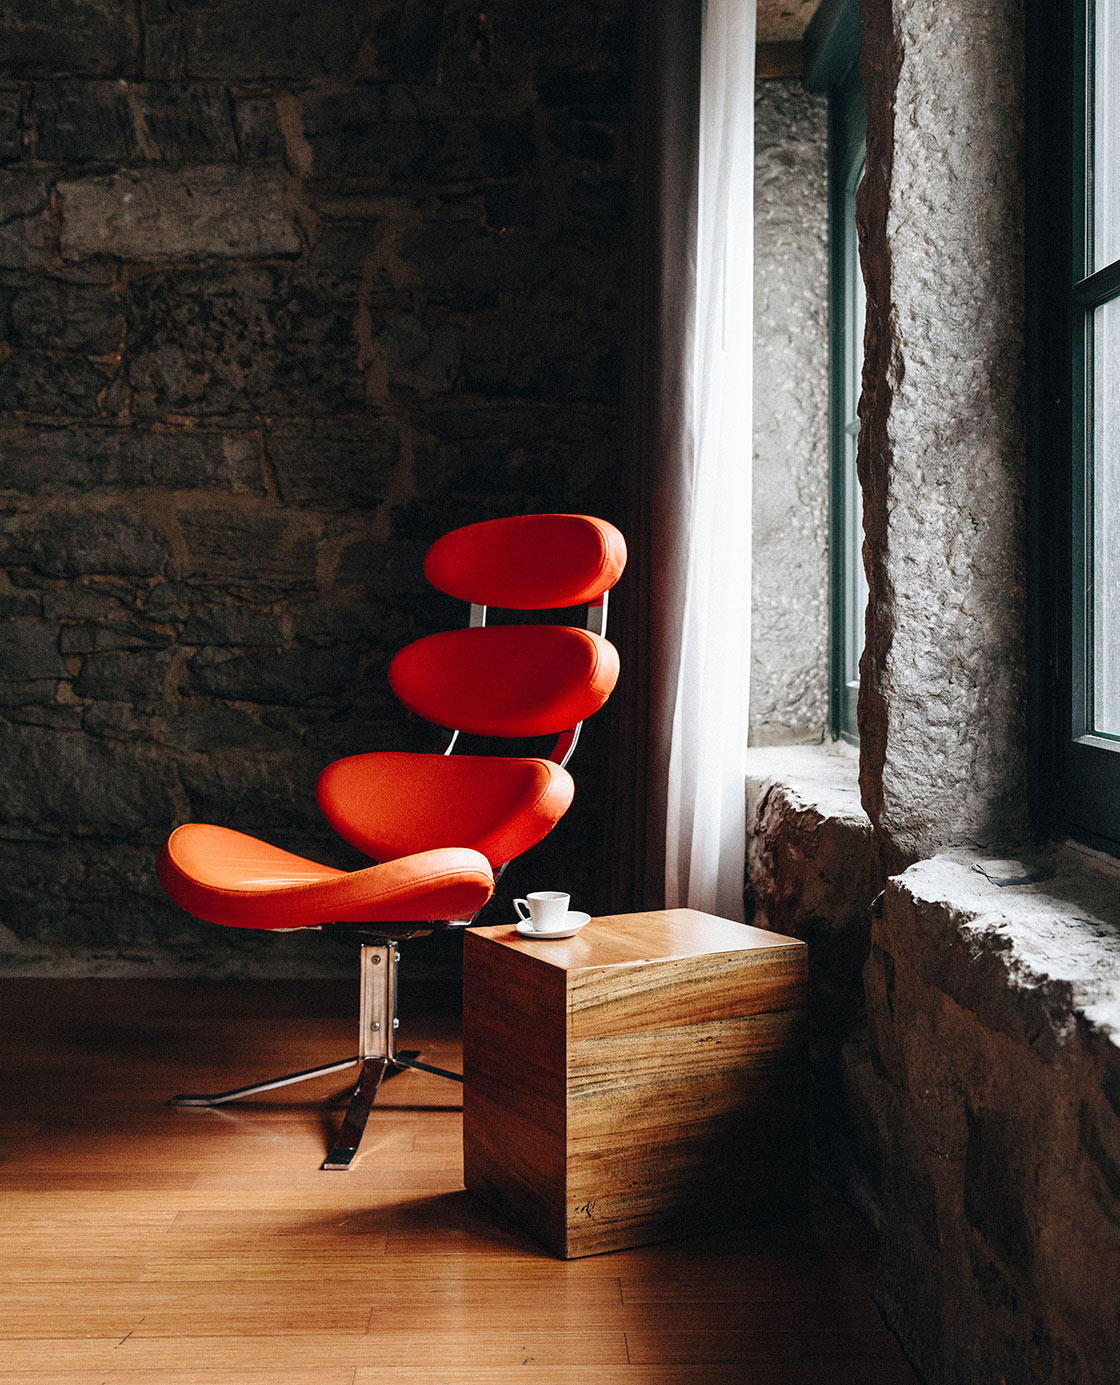 Un fauteuil orange et un tasse de café posée sur une table en boisdans une des chambres du Petit Hôtel.